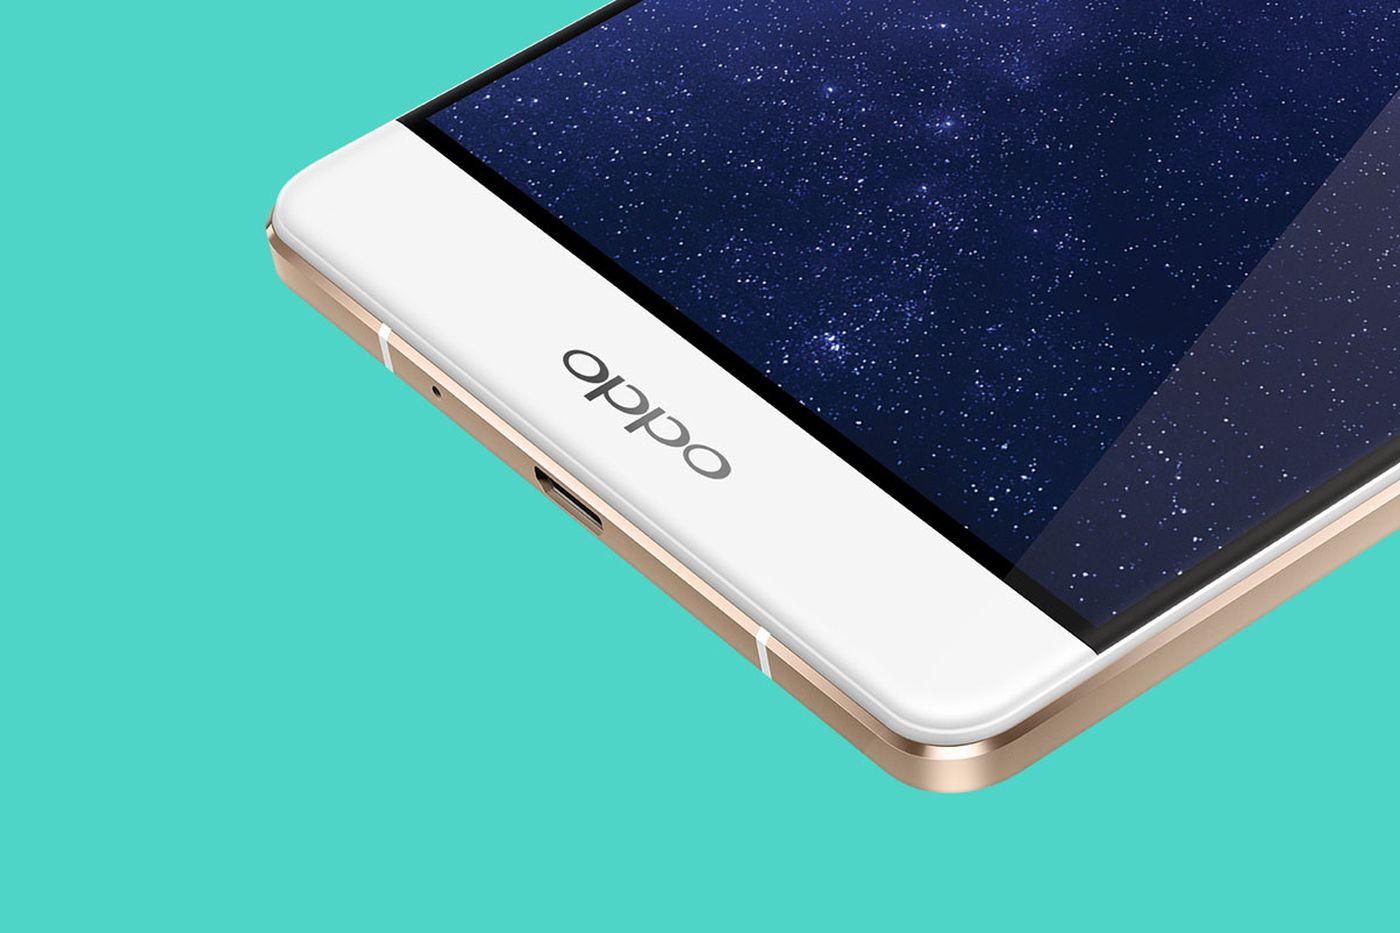 اوپو از تولید گوشی هوشمند تاشوی خود خبر داد